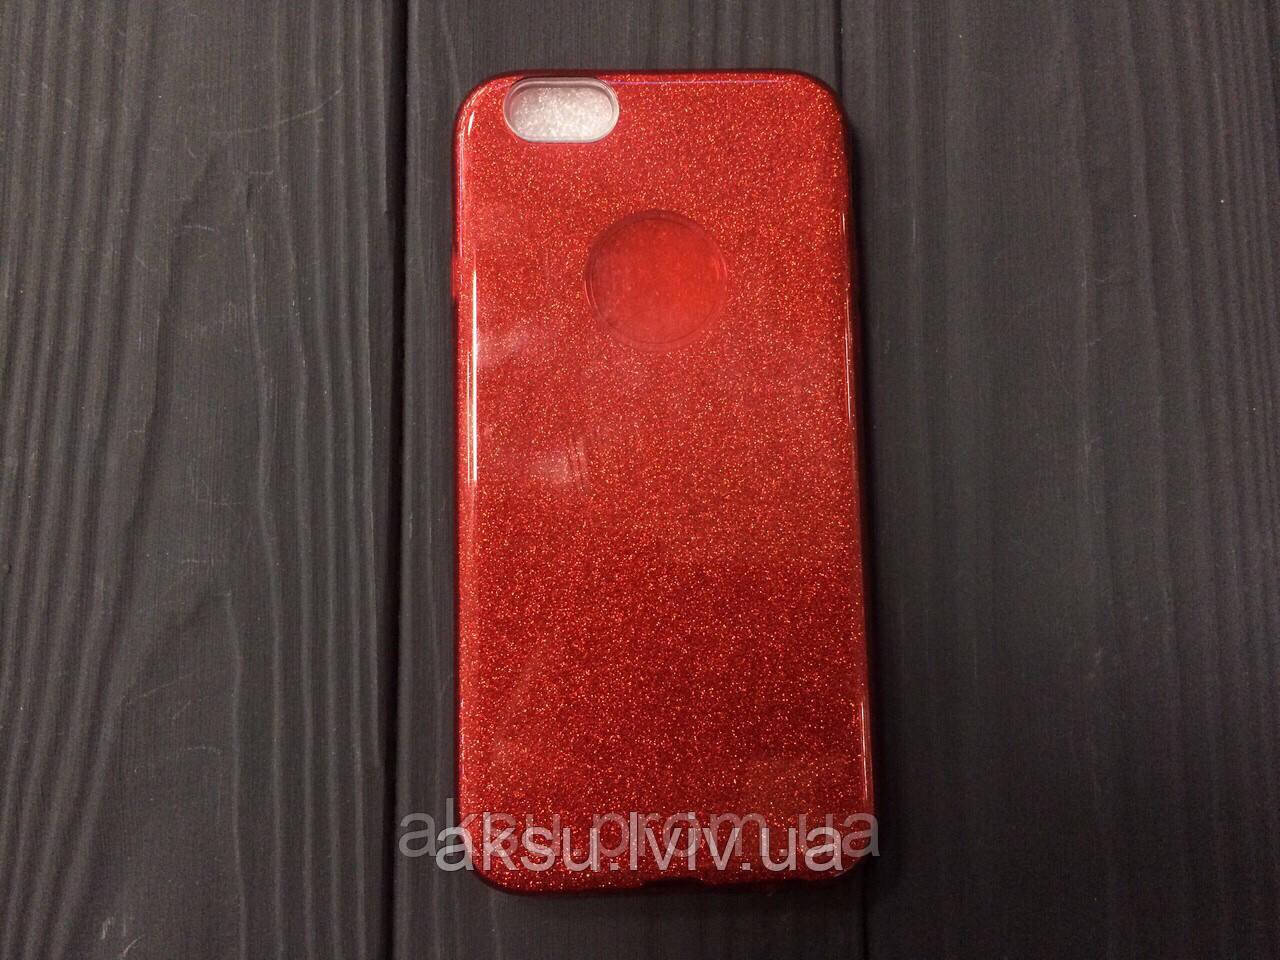 Чехол Блеск для iPhone 6 / 6s